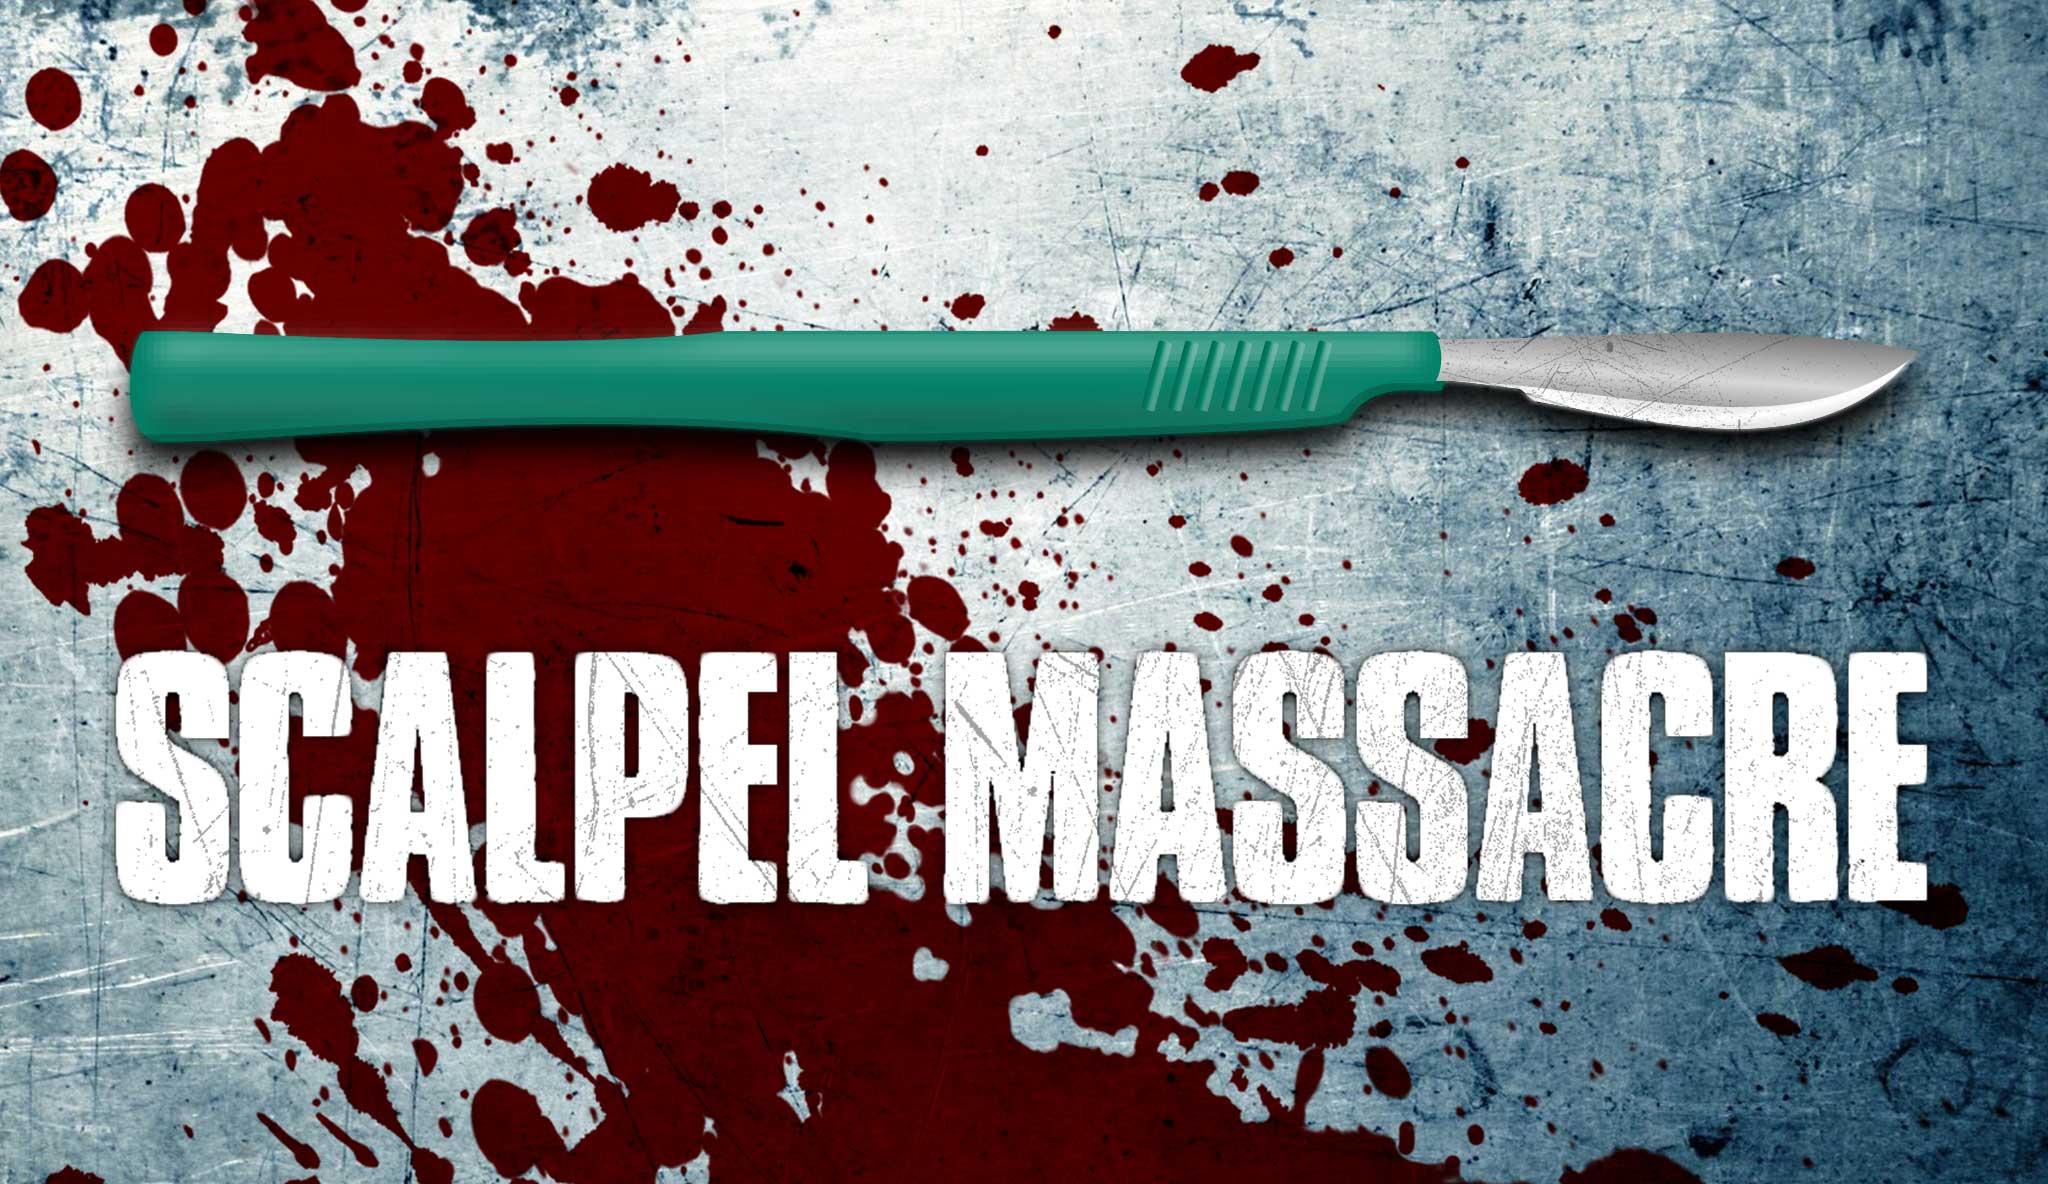 scalpel-massacre-bloodline\header.jpg